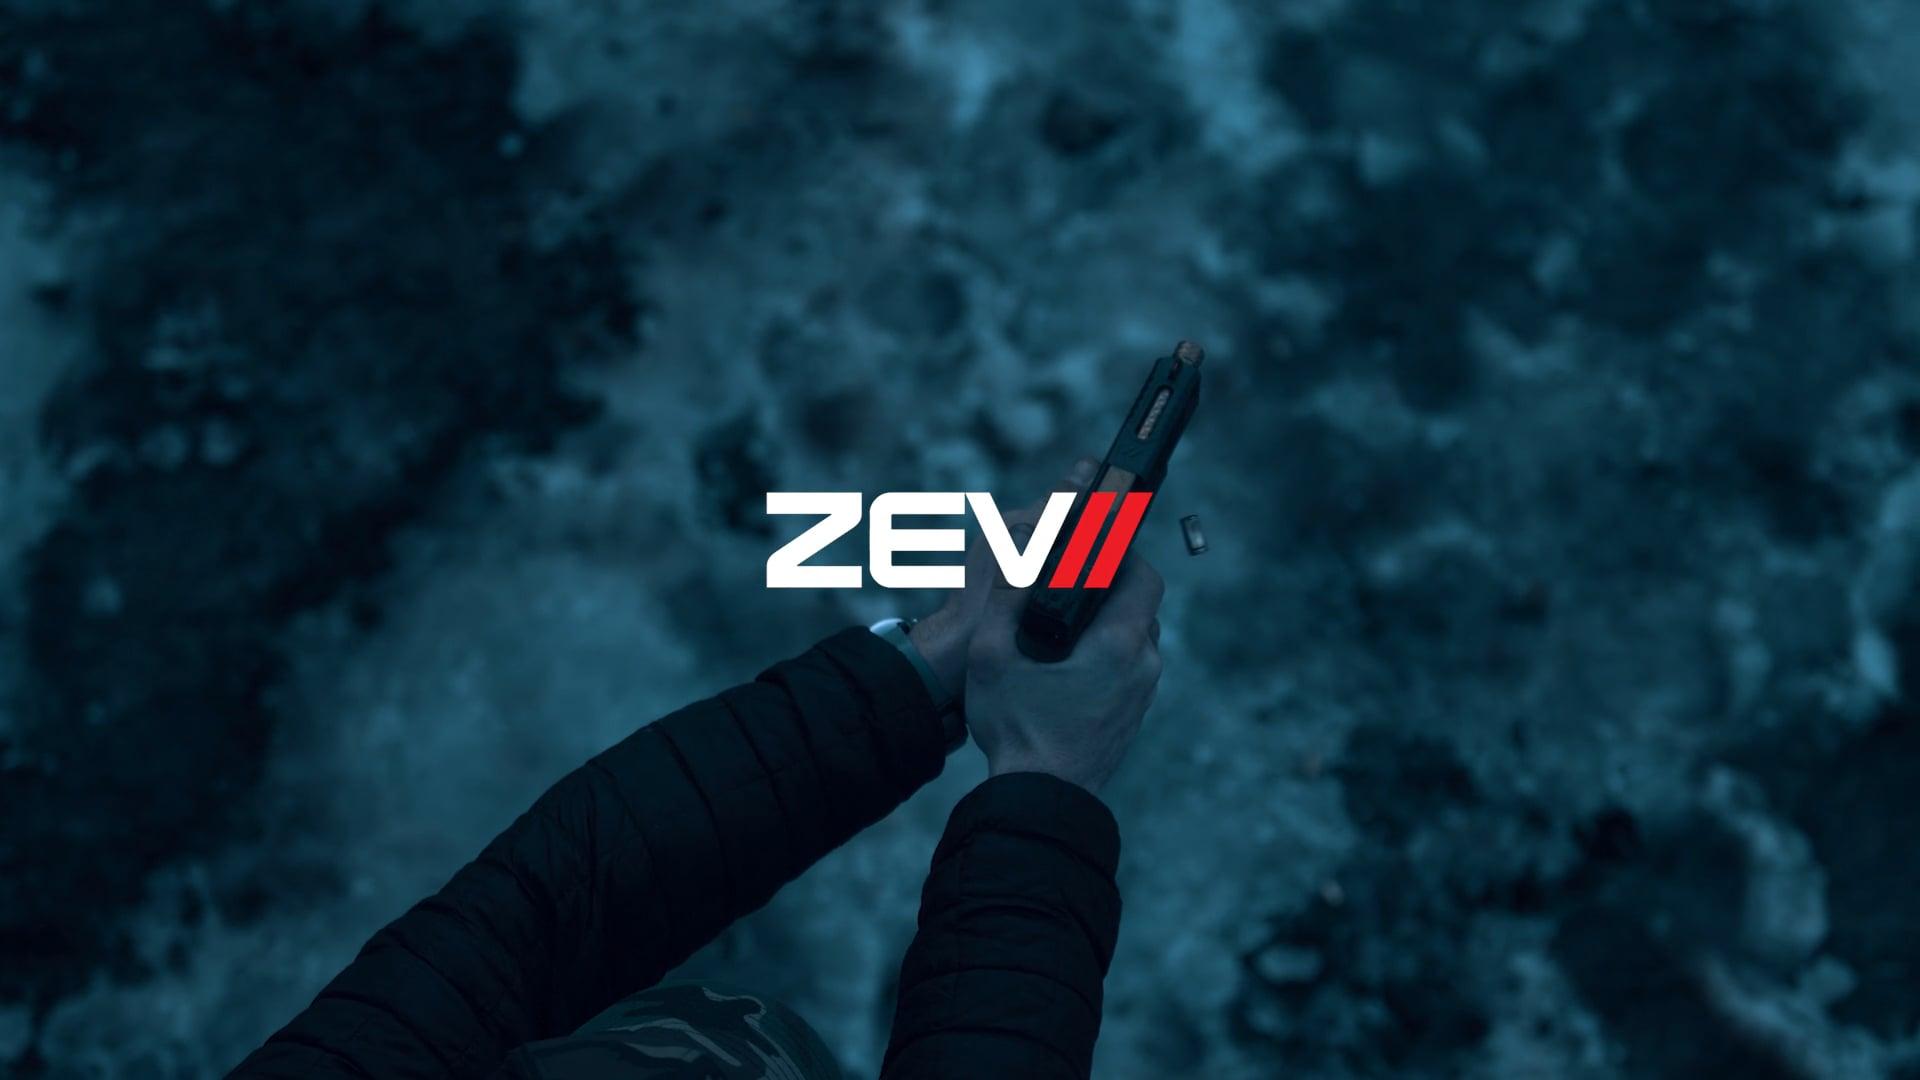 ZevTech